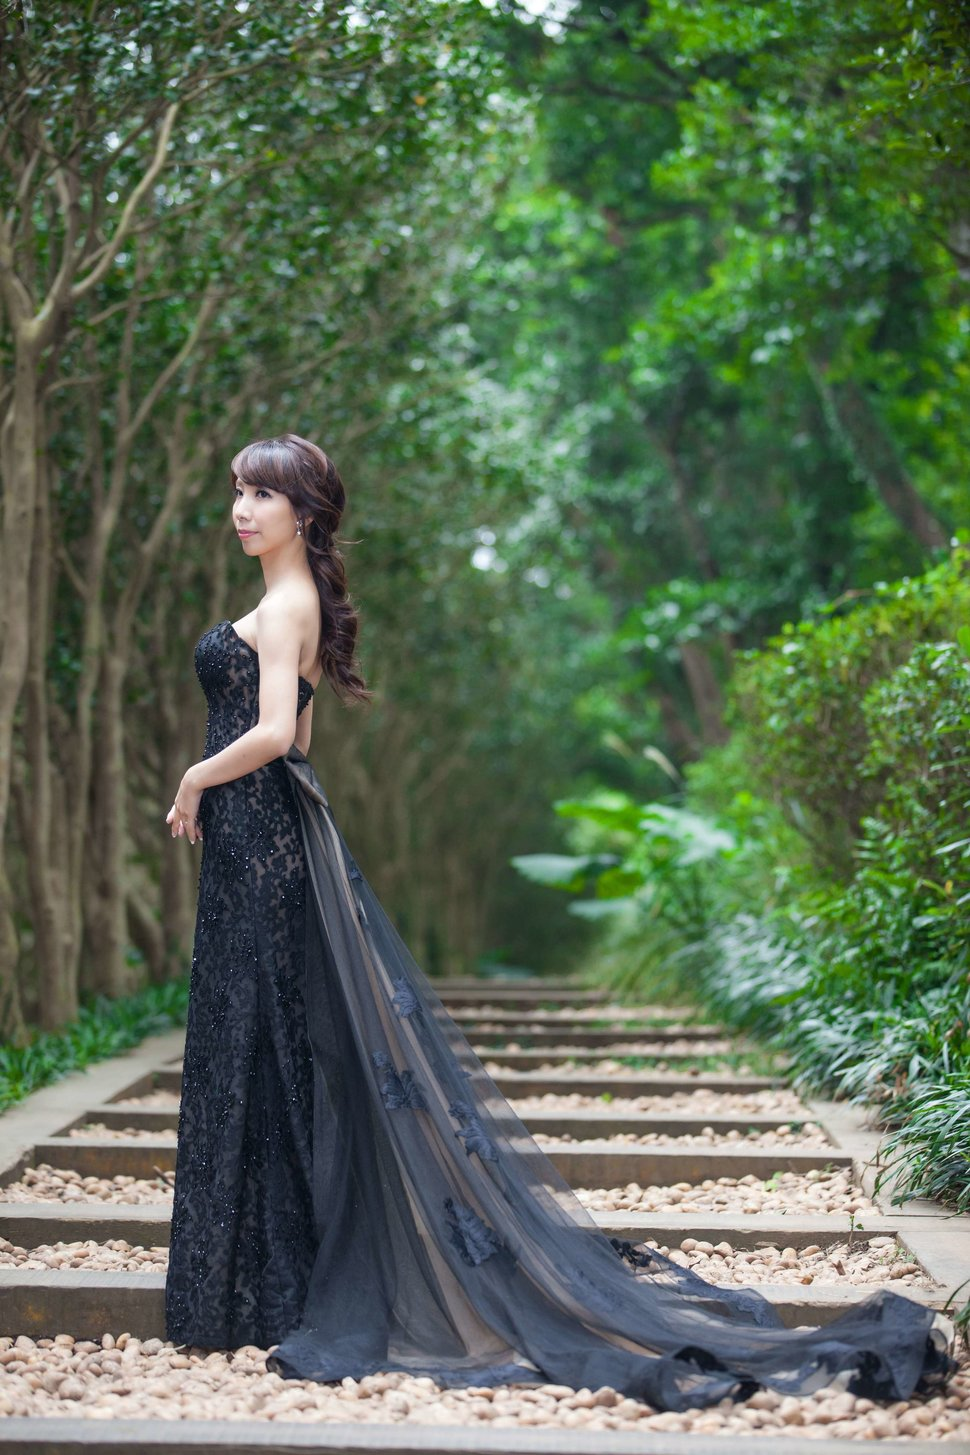 IMG_0552-1_縮 - 春之嫁衣精緻婚紗 - 結婚吧